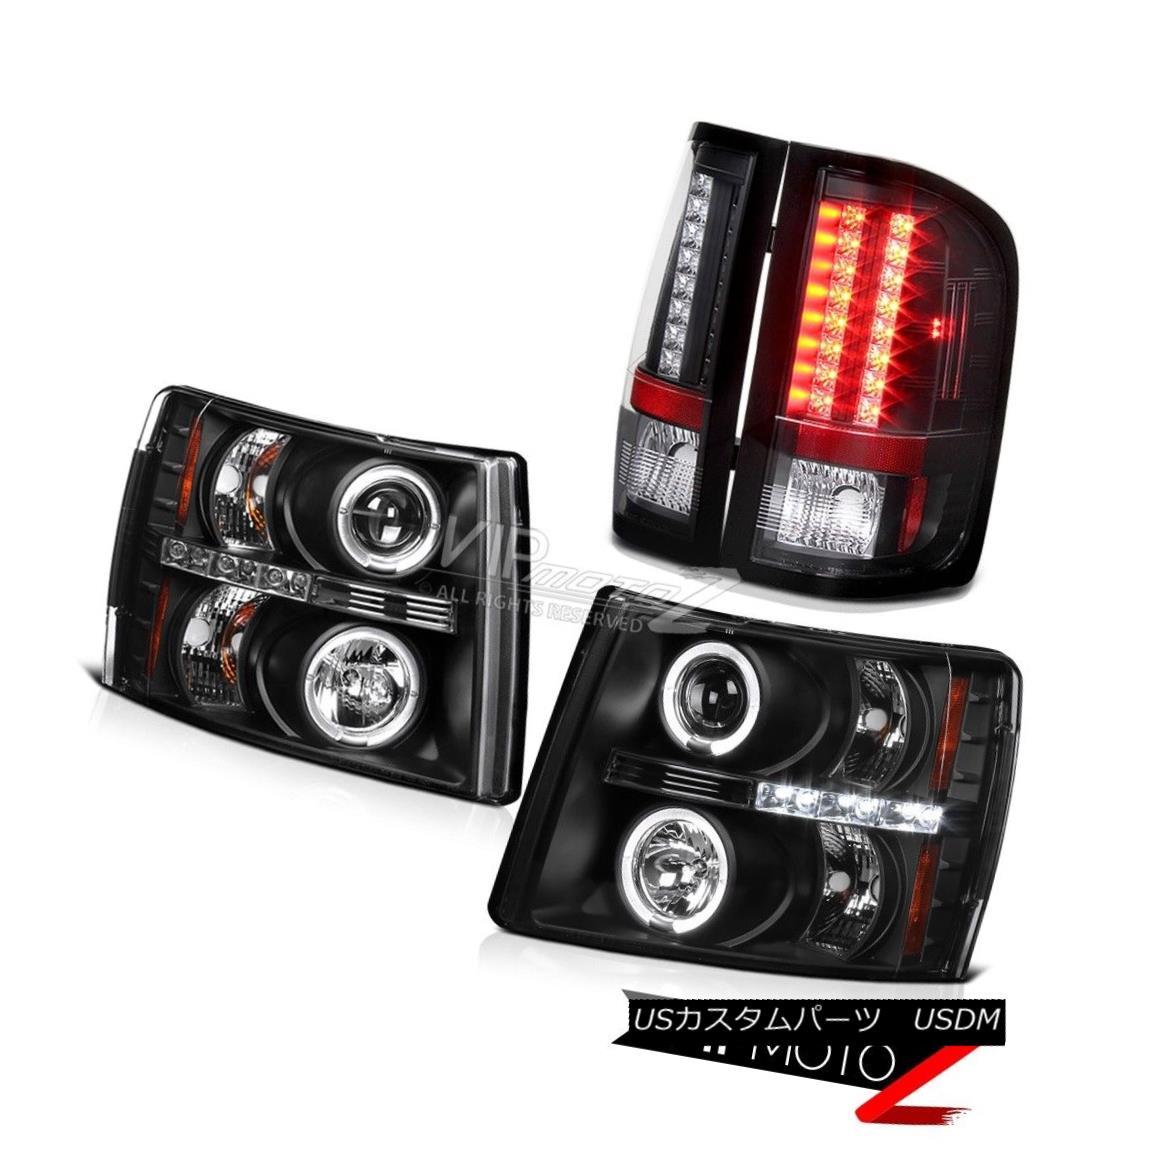 ヘッドライト 2007-2014 Silverado 1500 2500HD 3500HD Halo LED Projector Headlights Tail Lights 2007-2014 Silverado 1500 2500HD 3500HD Halo LEDプロジェクターヘッドライトテールライト